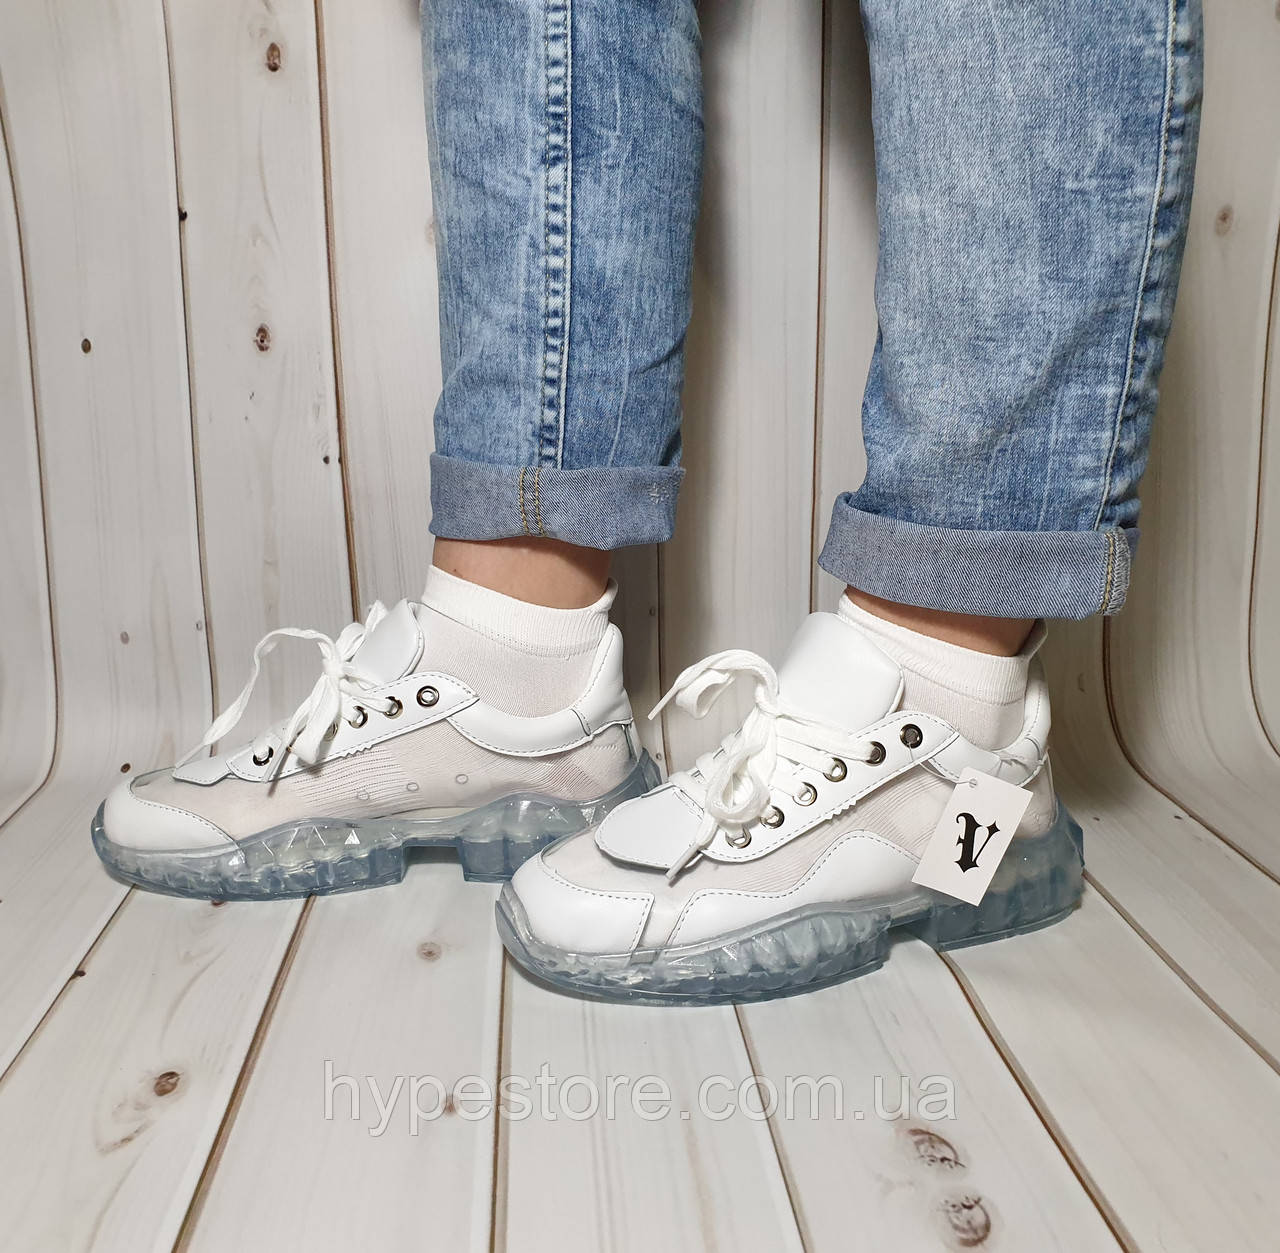 Оригинальные комбинированные женские кроссовки силиконовые,прозрачные , наличие размеров см.в описании!